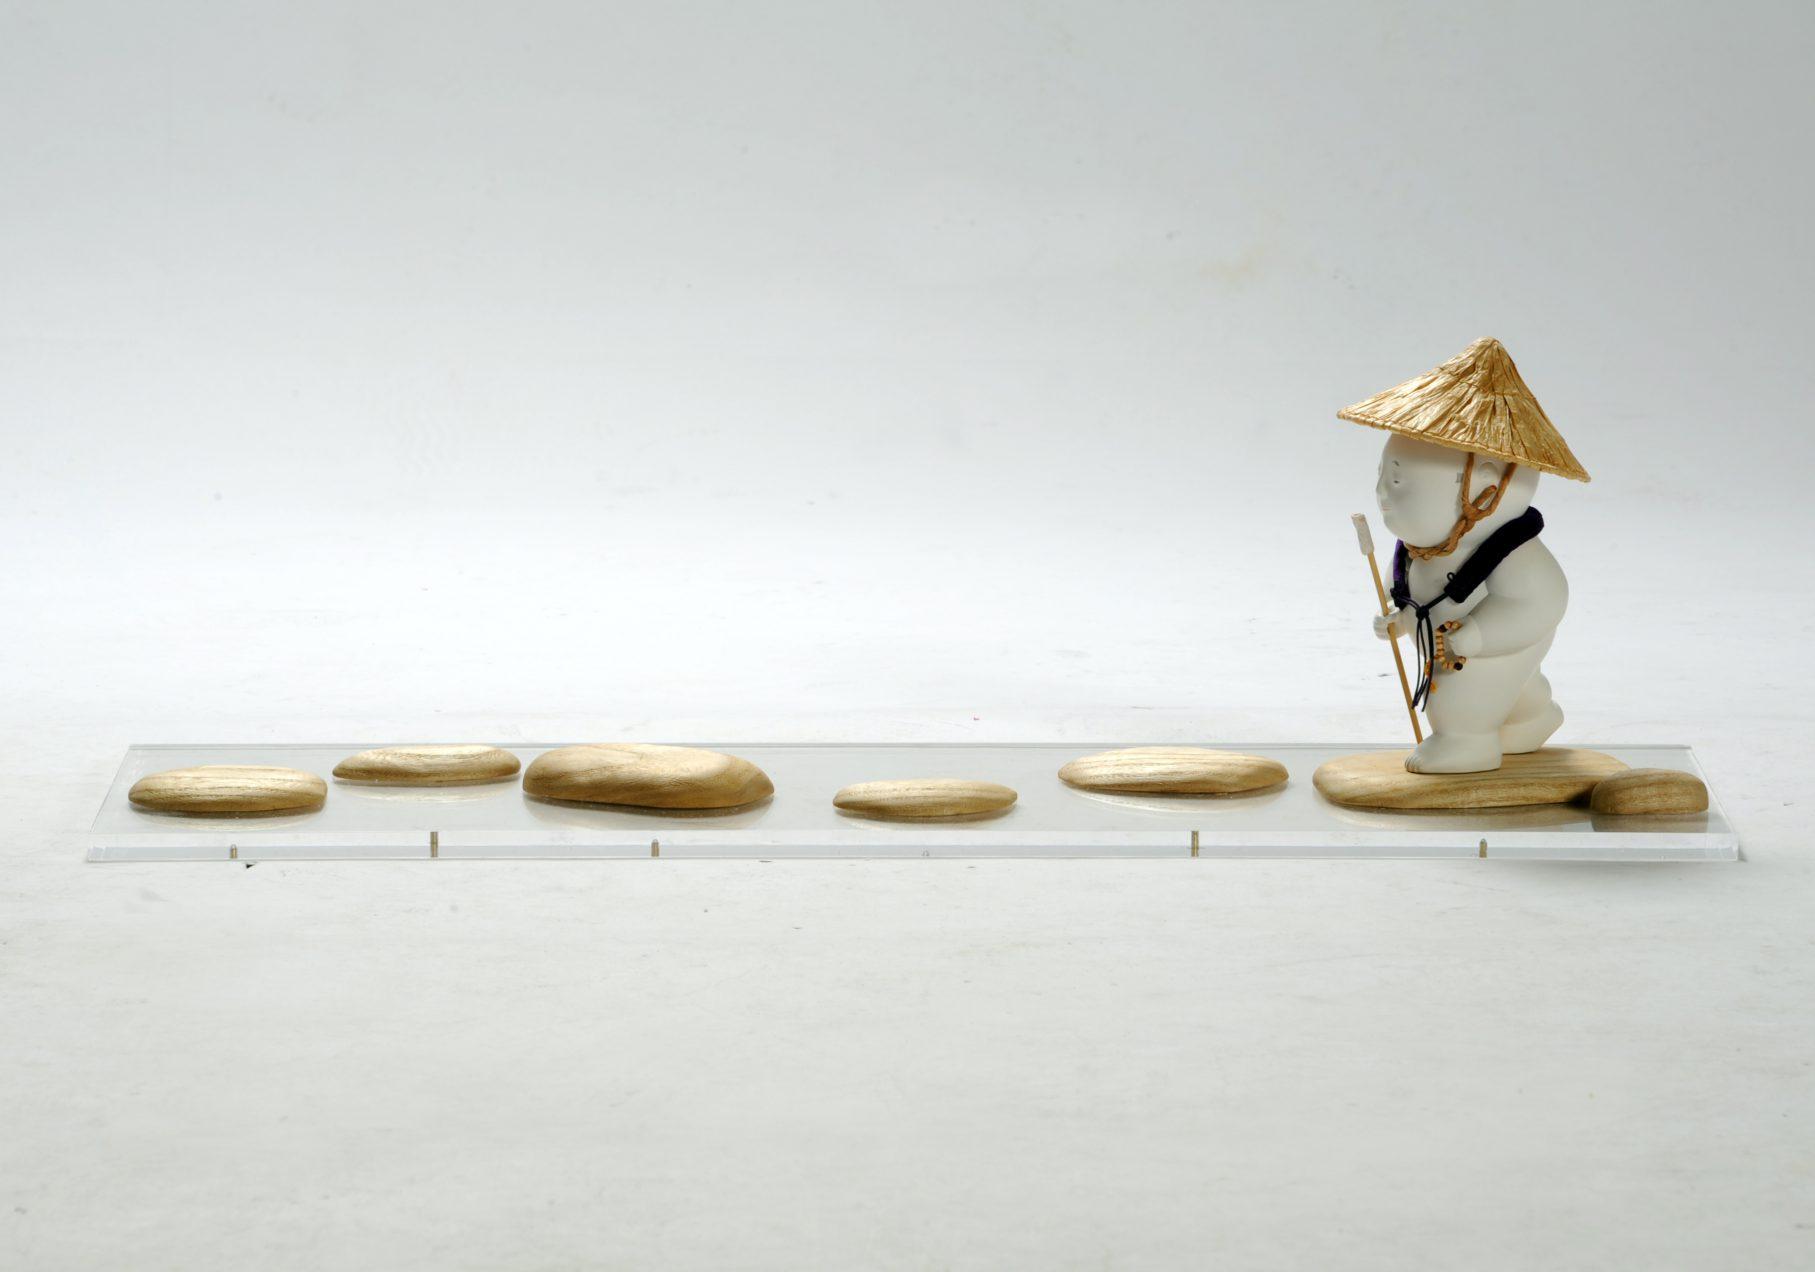 第70回滋賀県美術展覧会(工芸の部)特選「同行二人」